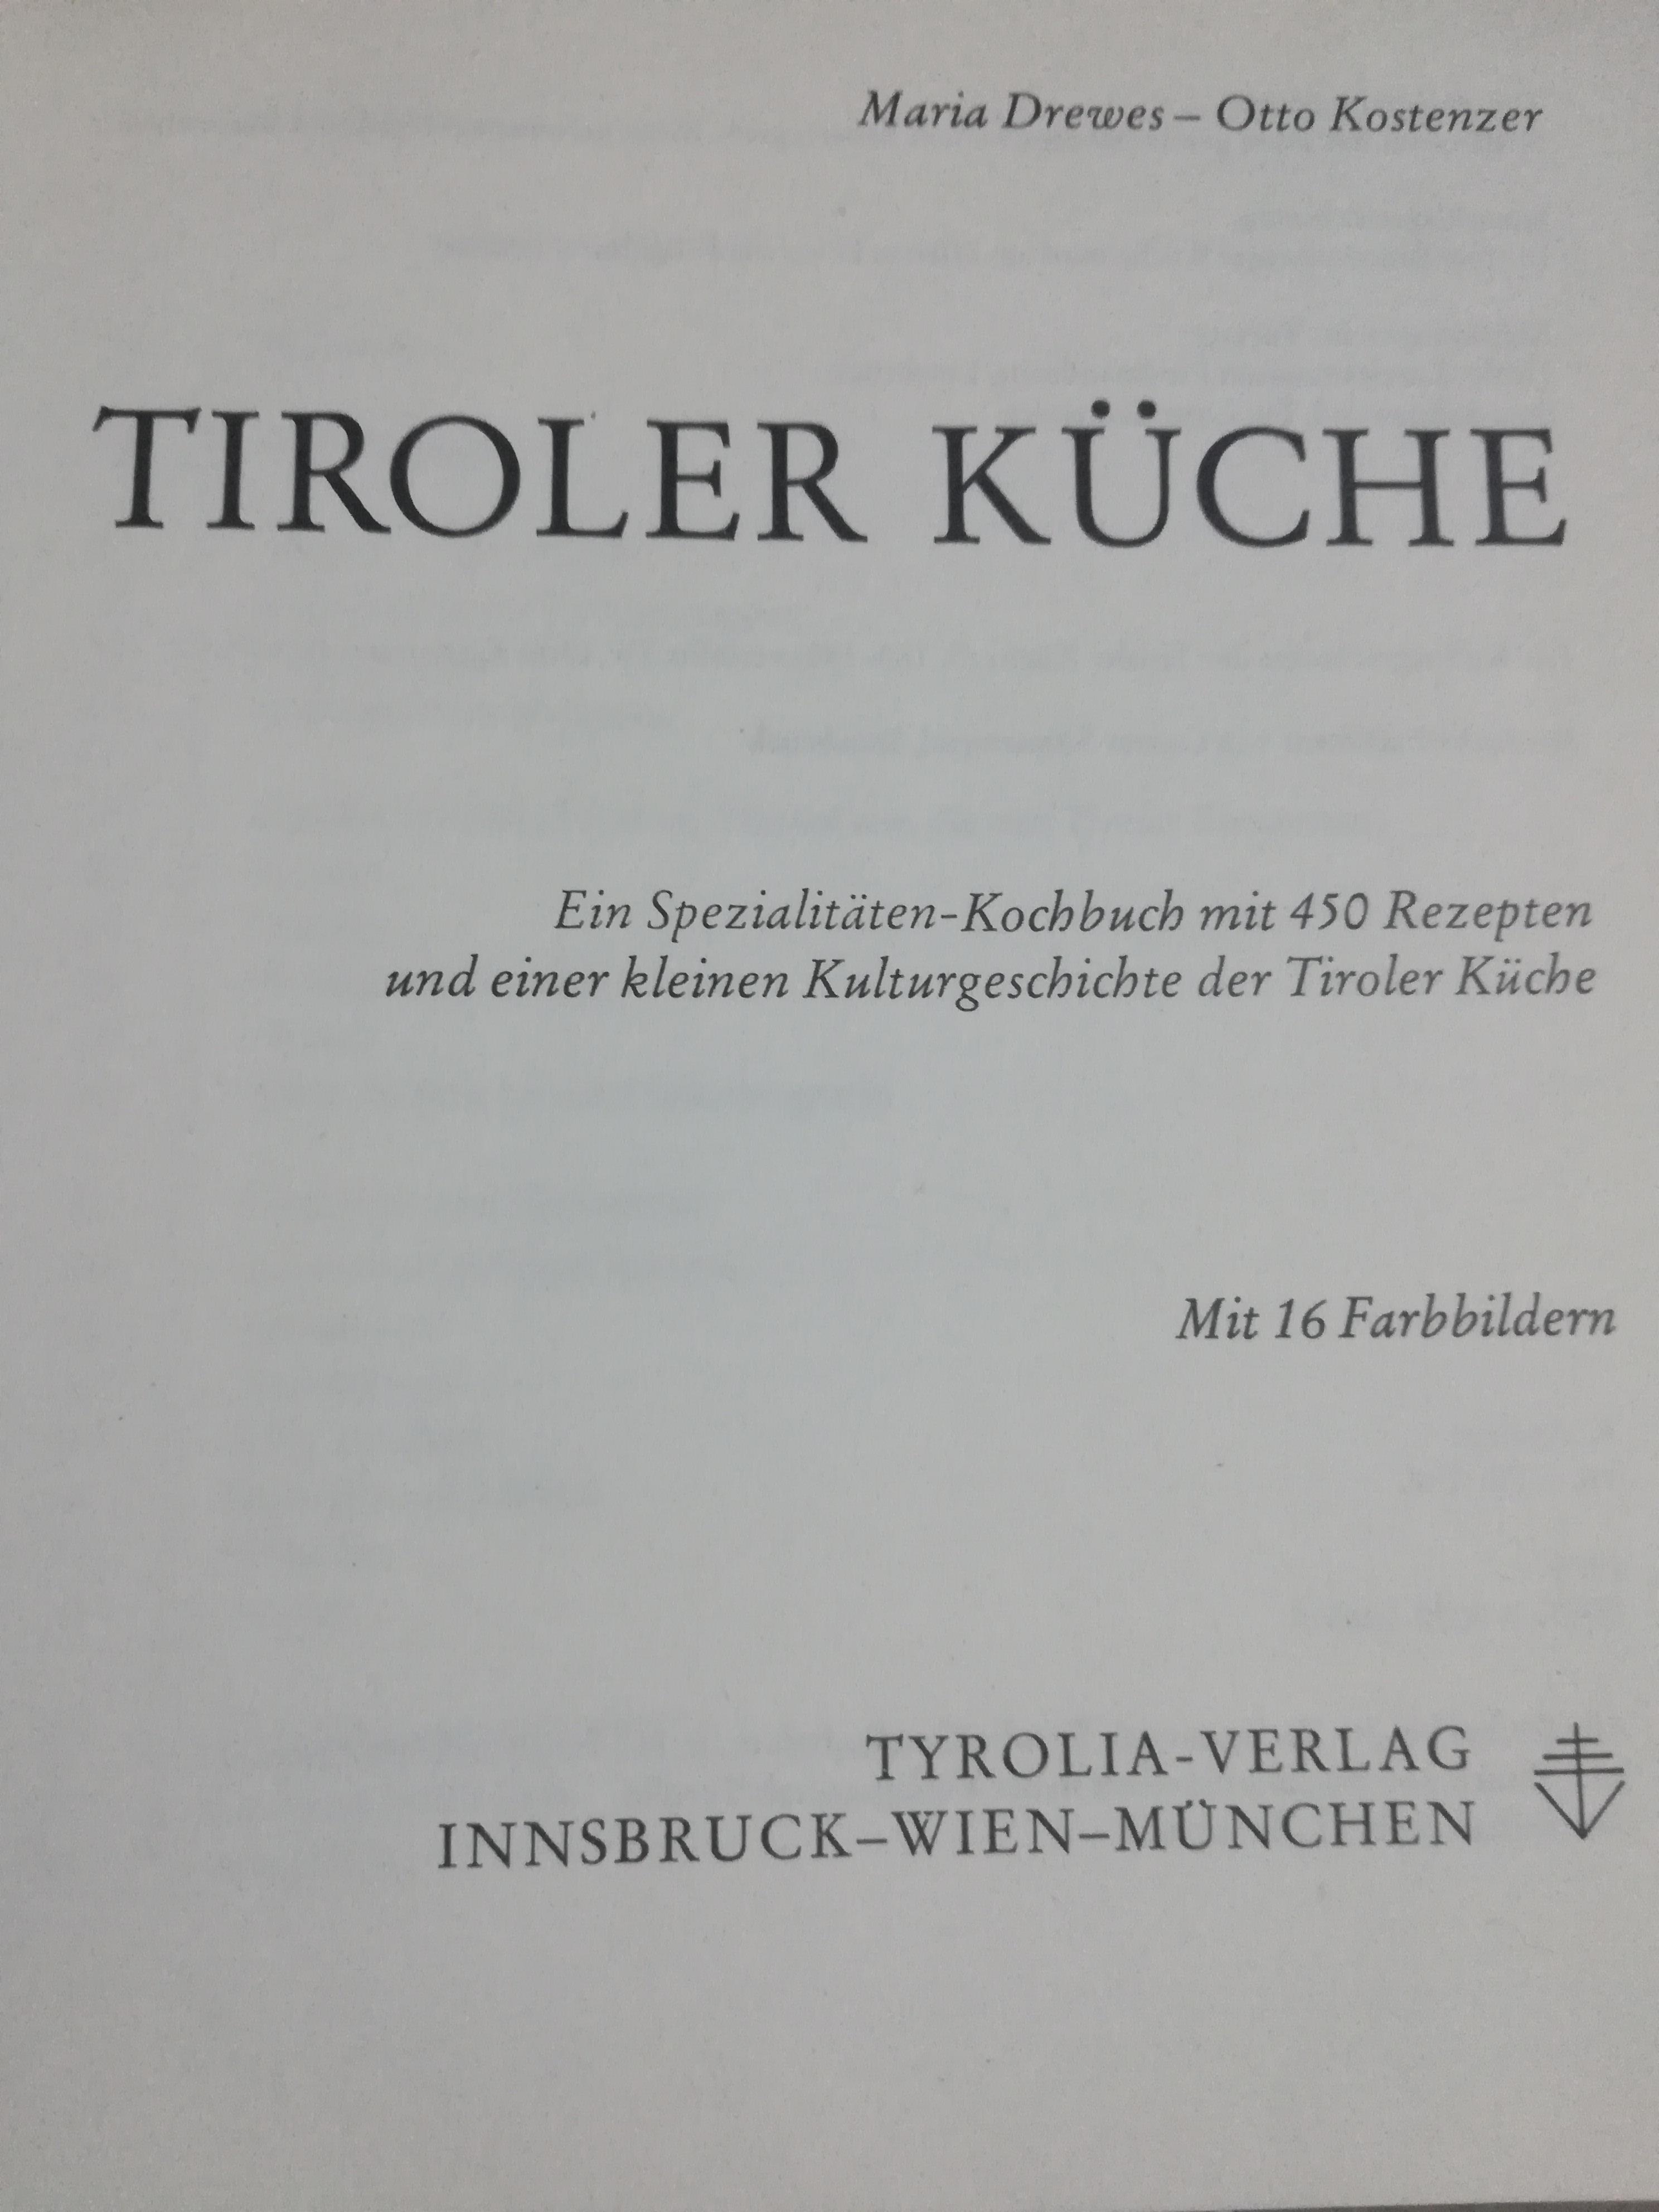 File:Tiroler Küche, Kochbuch.jpg - Wikimedia Commons